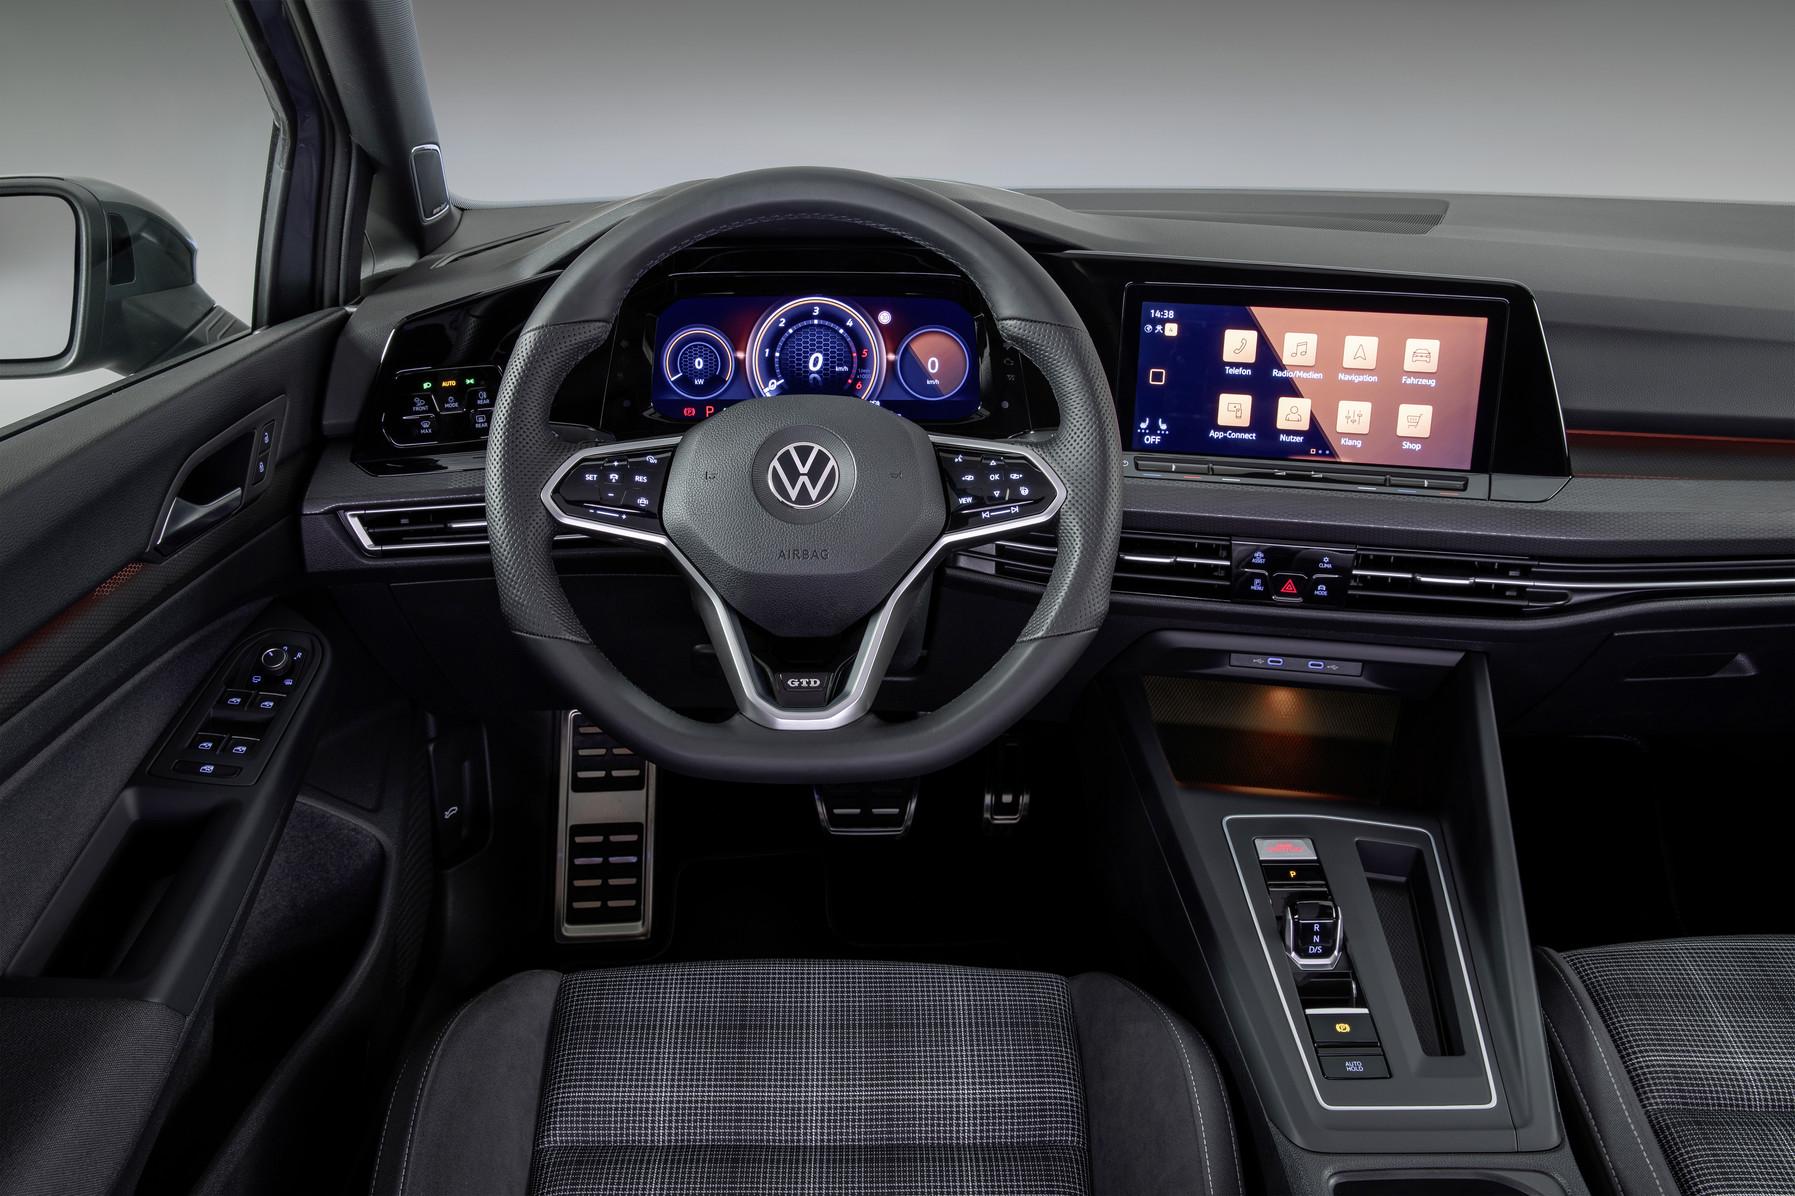 Mk8 Volkswagen Golf GTD Steering Wheel